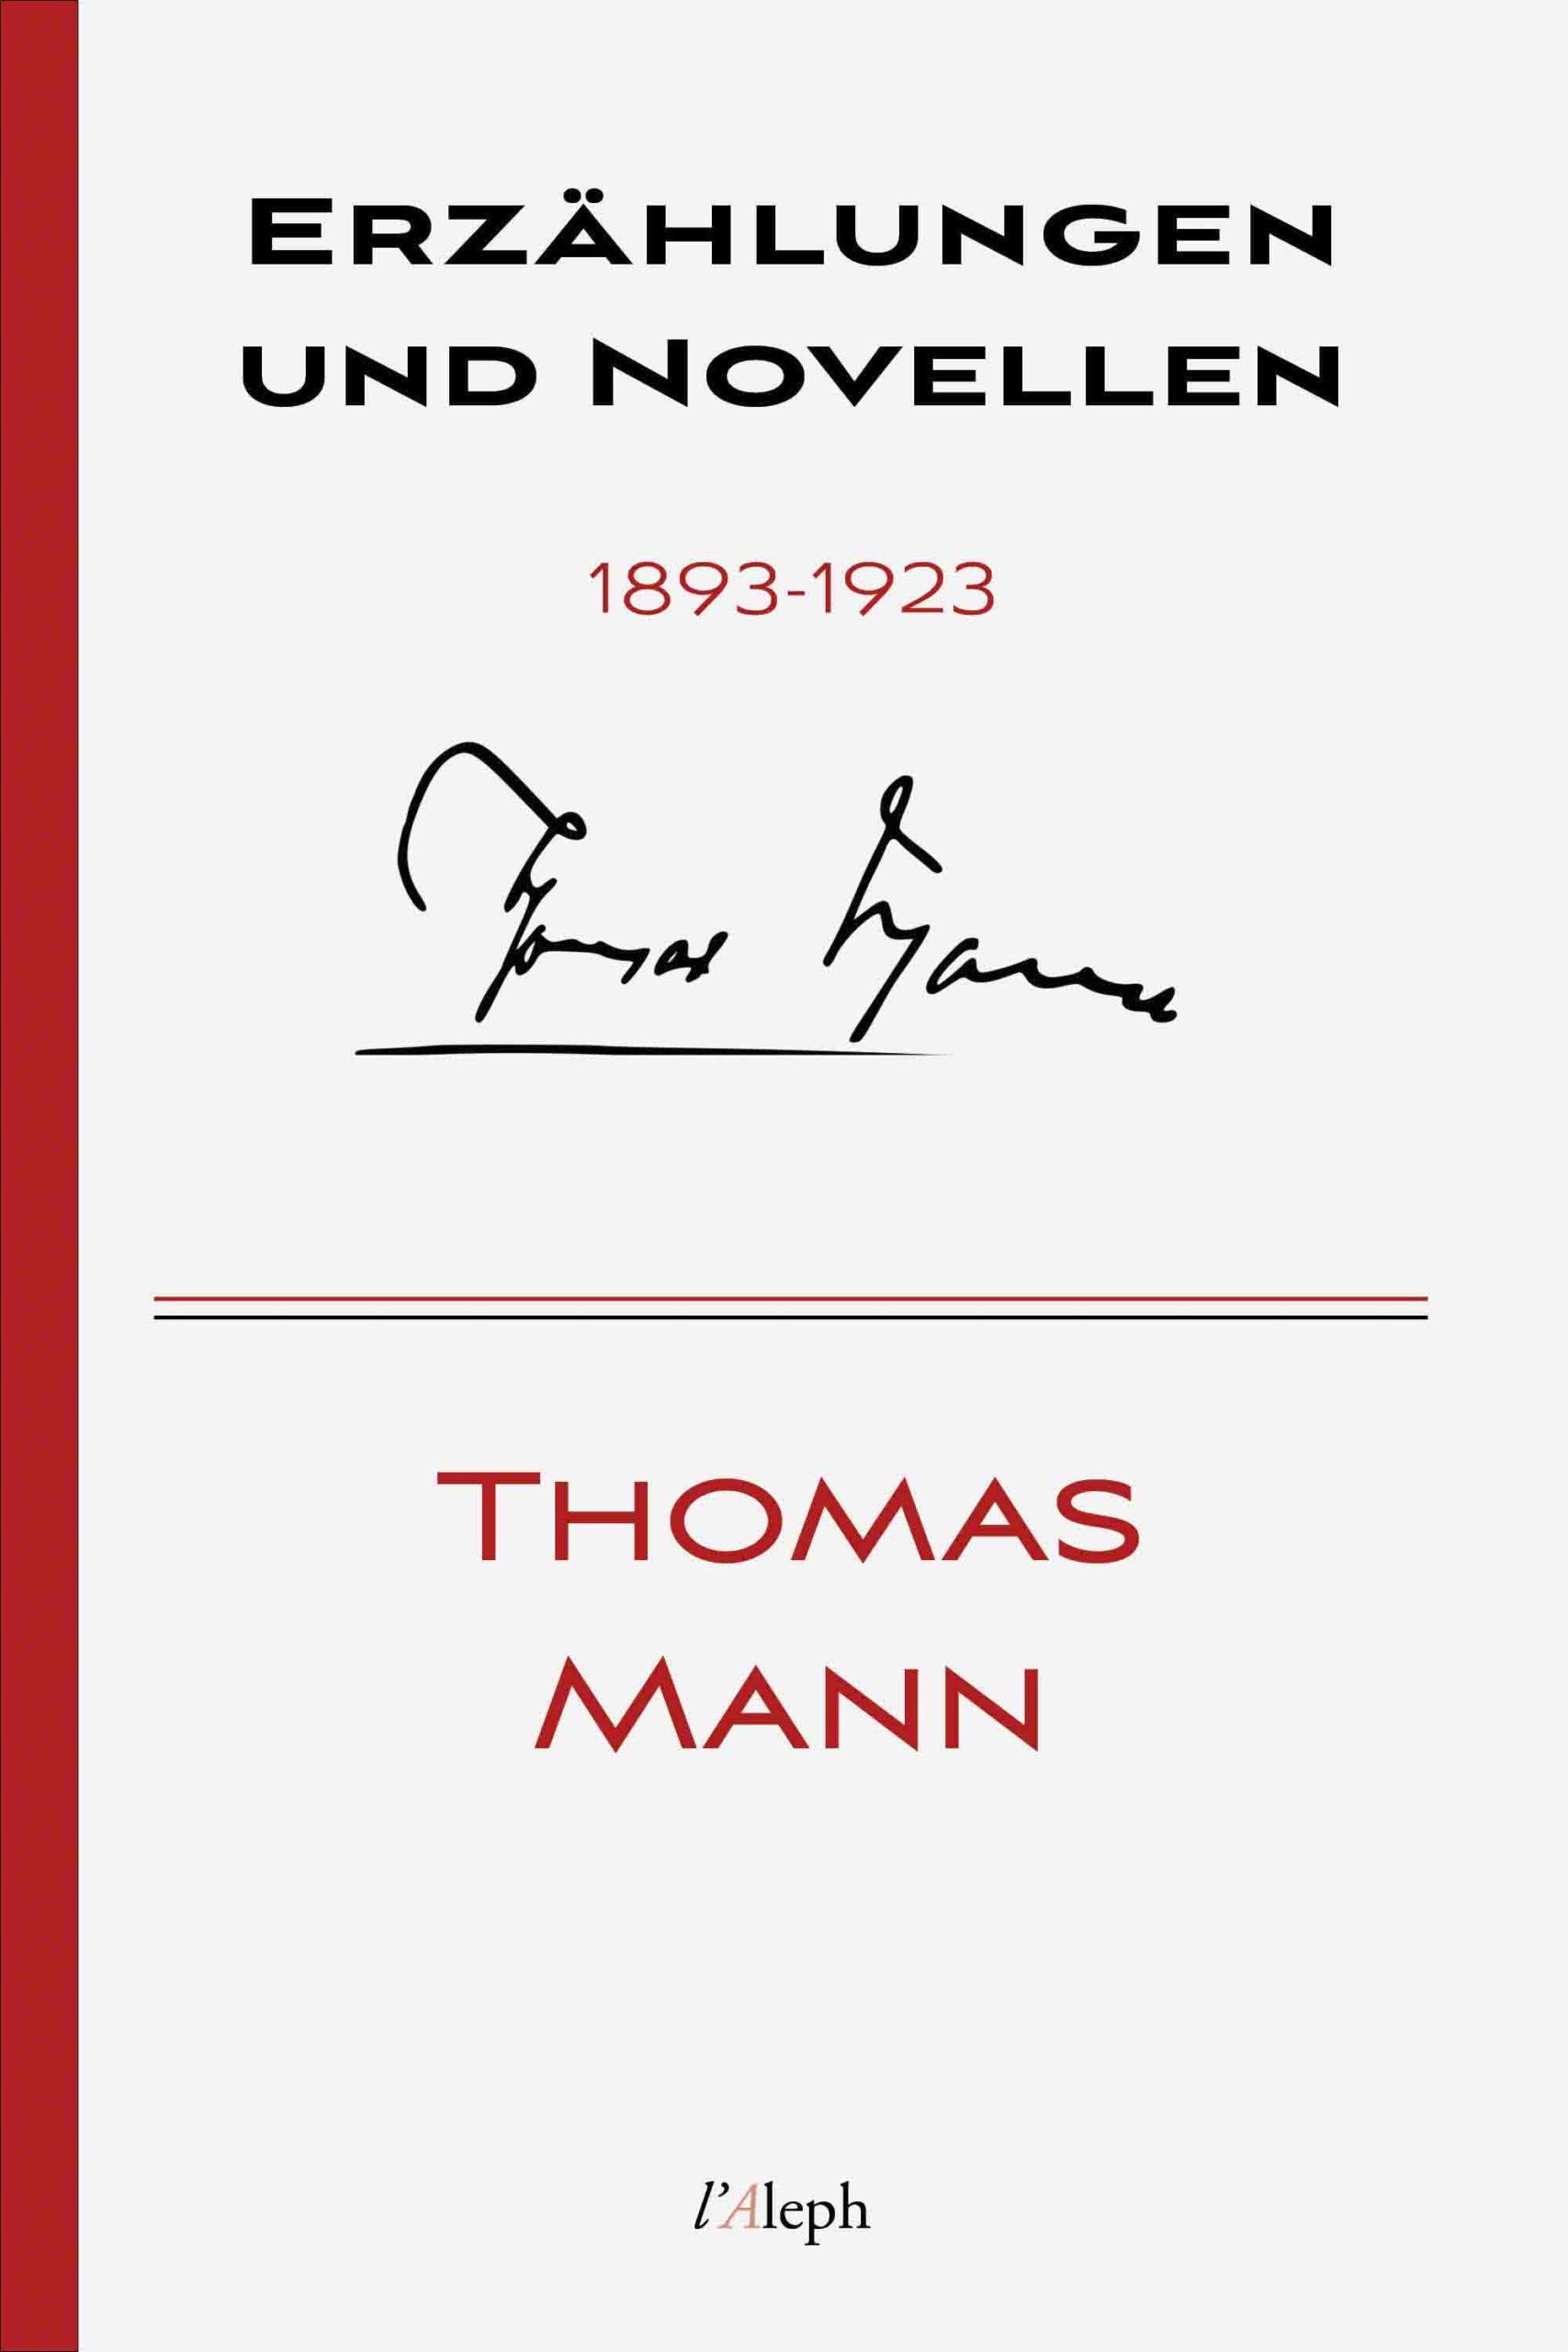 Thomas Mann: Erzählungen und Novellen 1893-1923